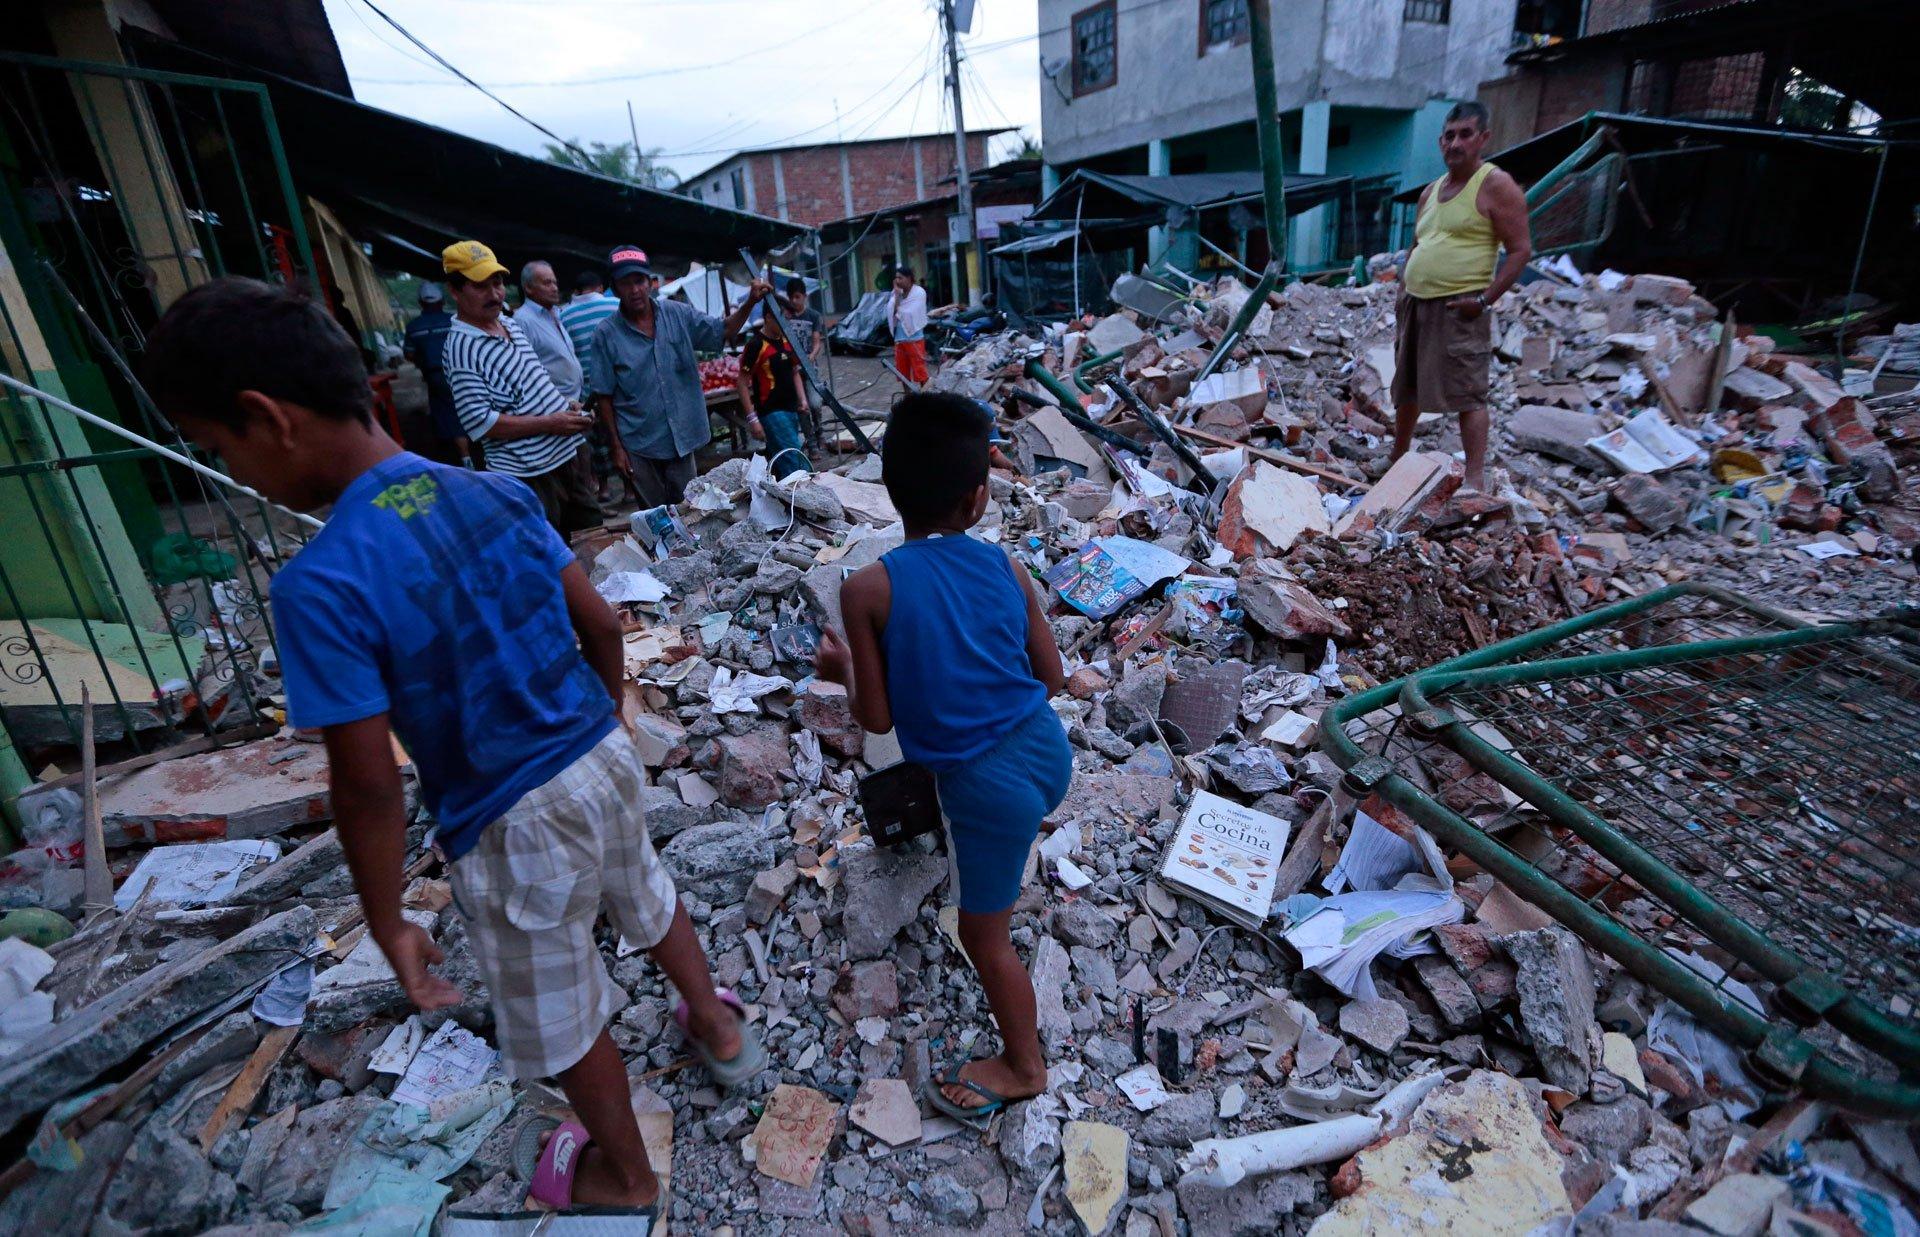 El potente sismo de magnitud de 7,8 que sacudió Ecuador el sábado,dejó al menos 77 muertos y 588 heridos, además de daños materialesconsiderables